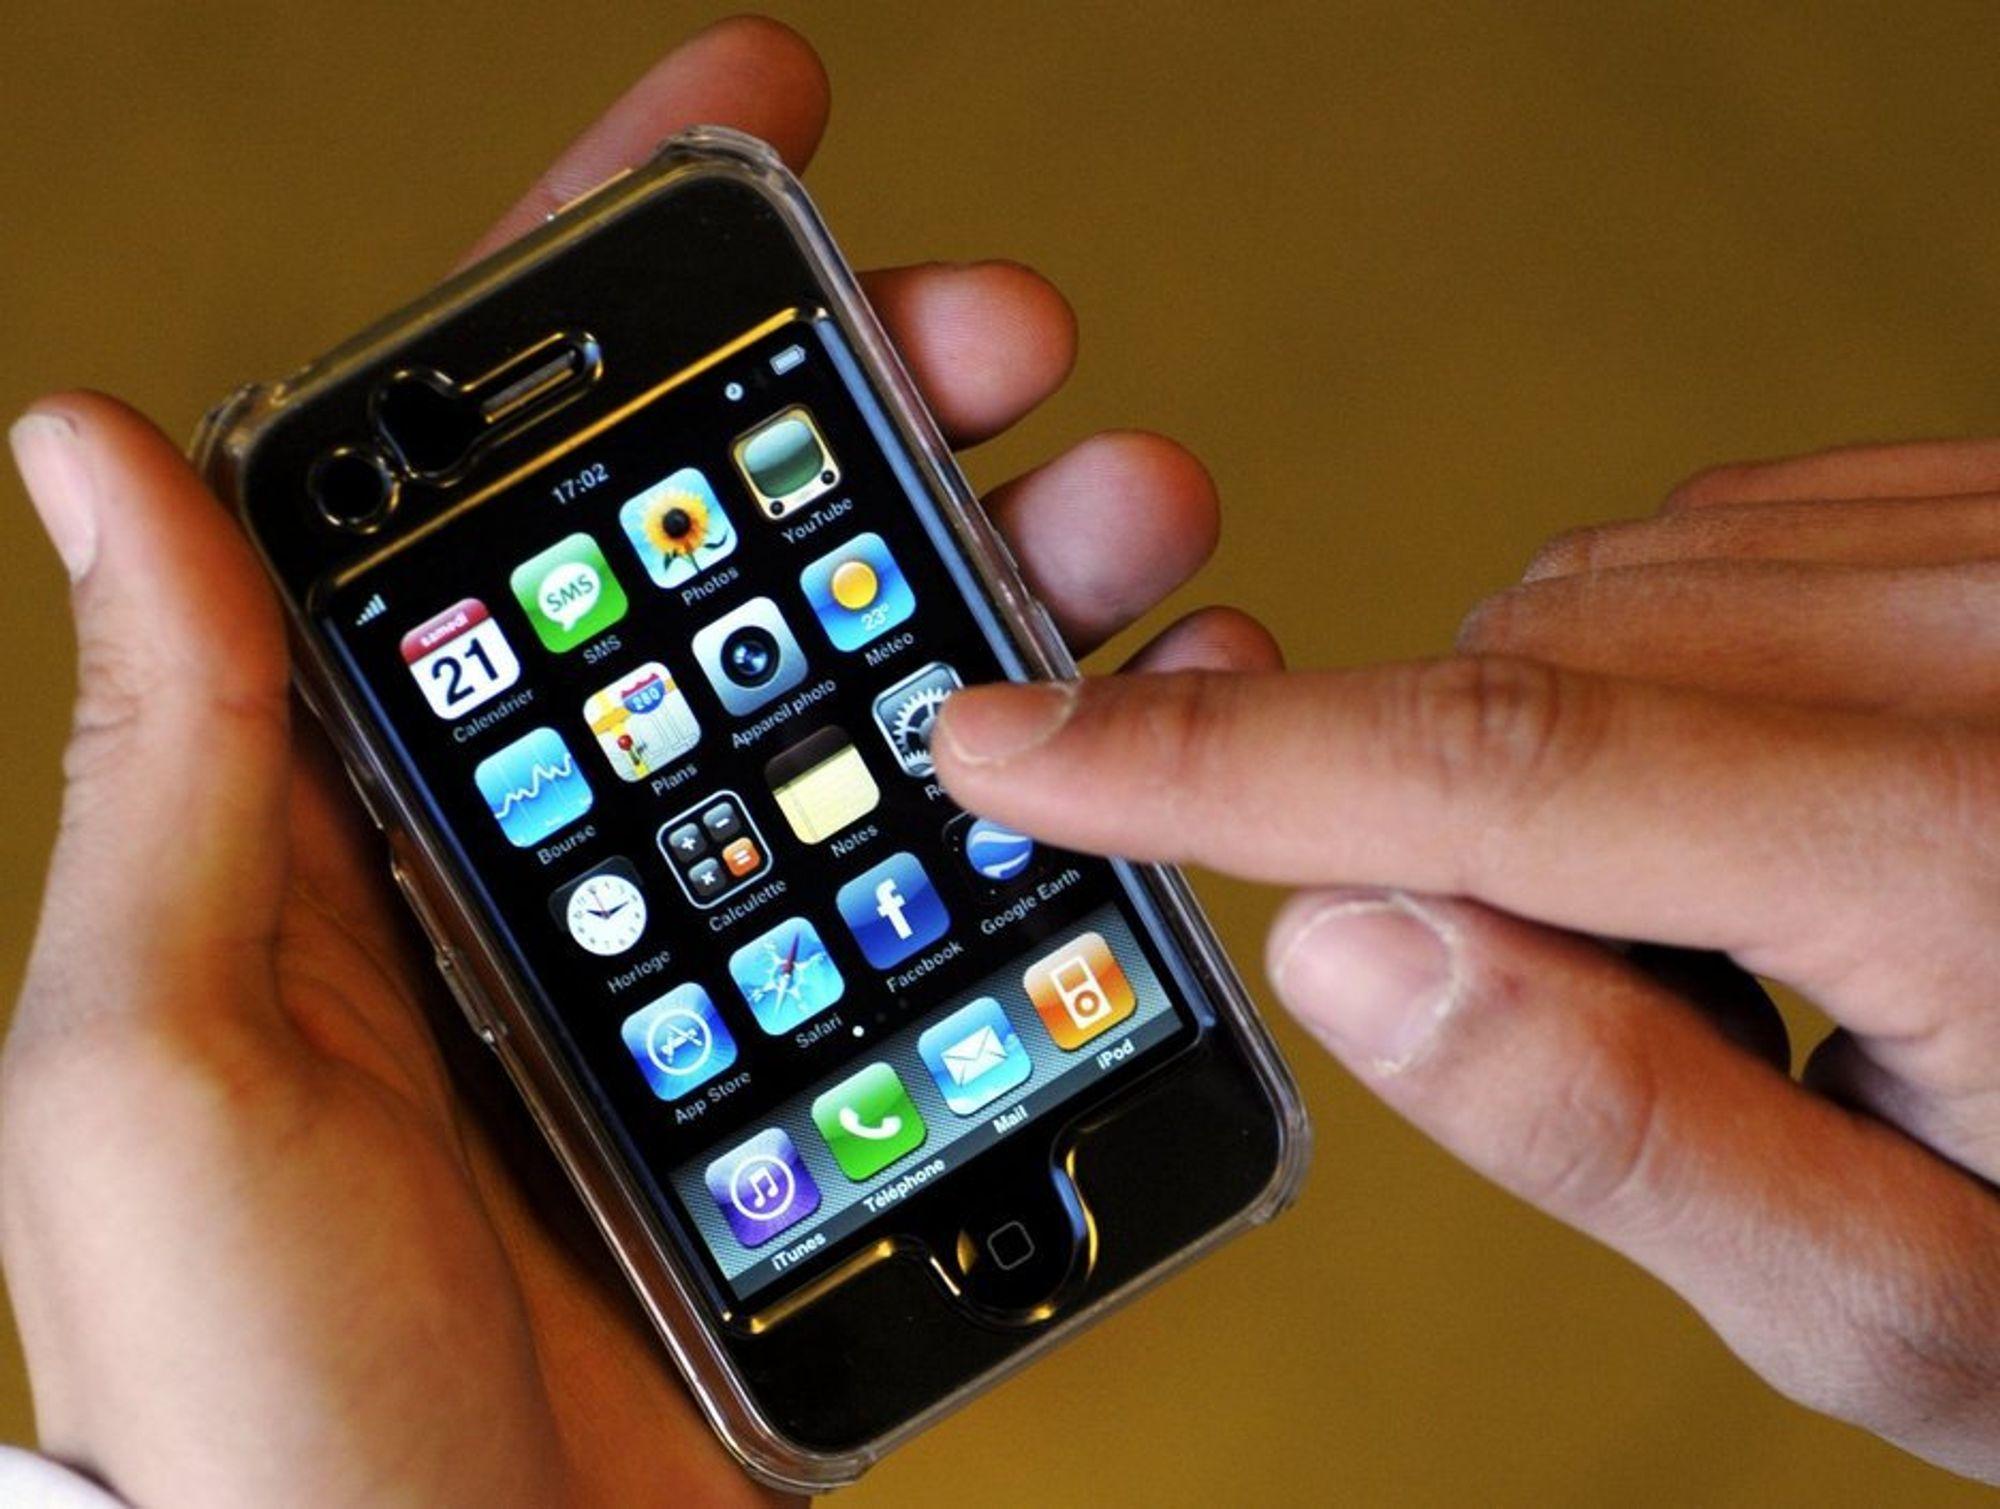 Nokia er ikke fornøyd med at Apple skal ha kopiert patentert teknologi i sin iPhone. Dermed saksøker finnene Apple.